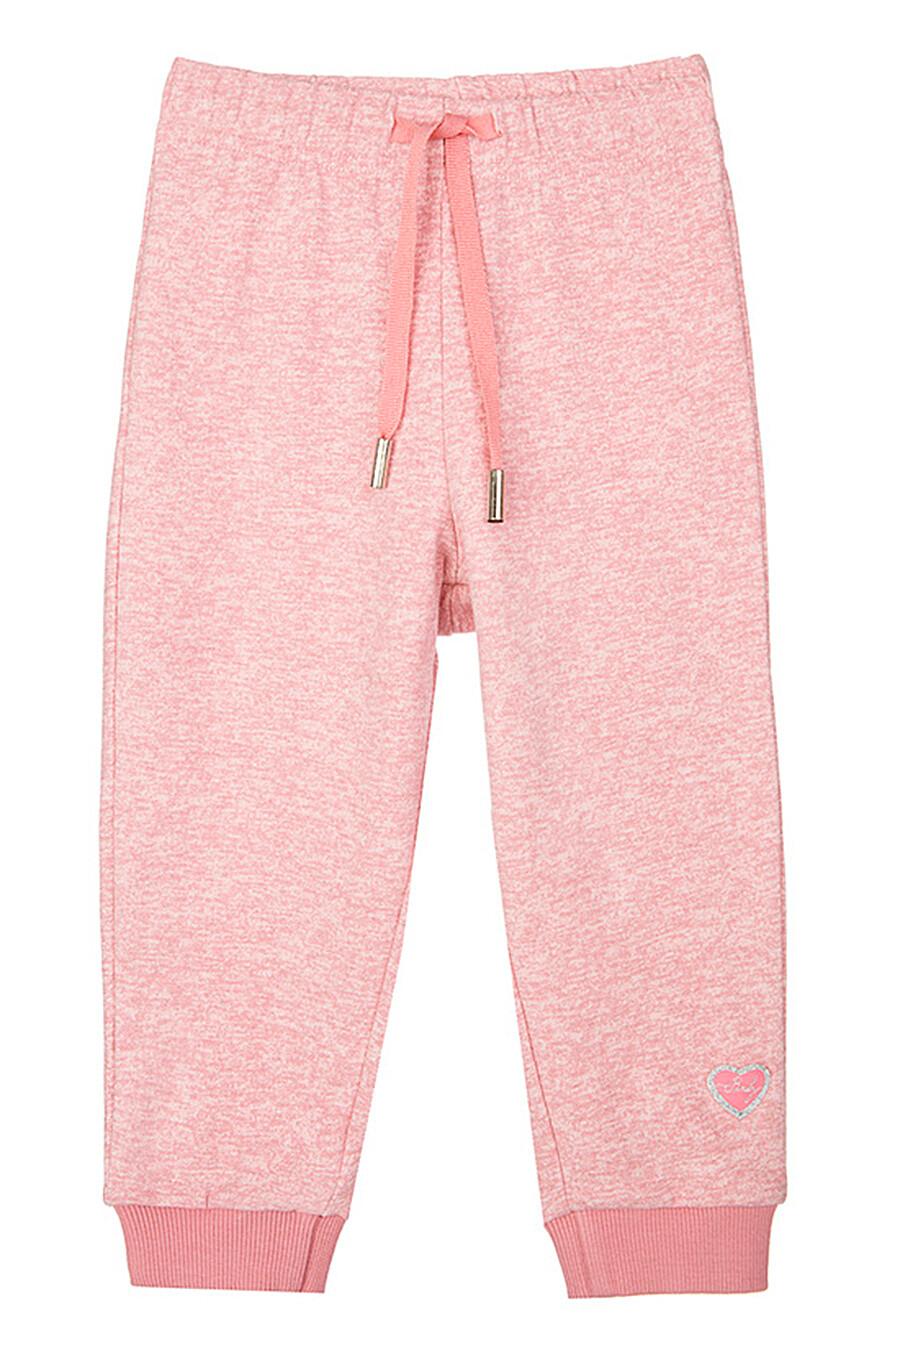 Комплект (Толстовка+брюки) для девочек PLAYTODAY 239052 купить оптом от производителя. Совместная покупка детской одежды в OptMoyo